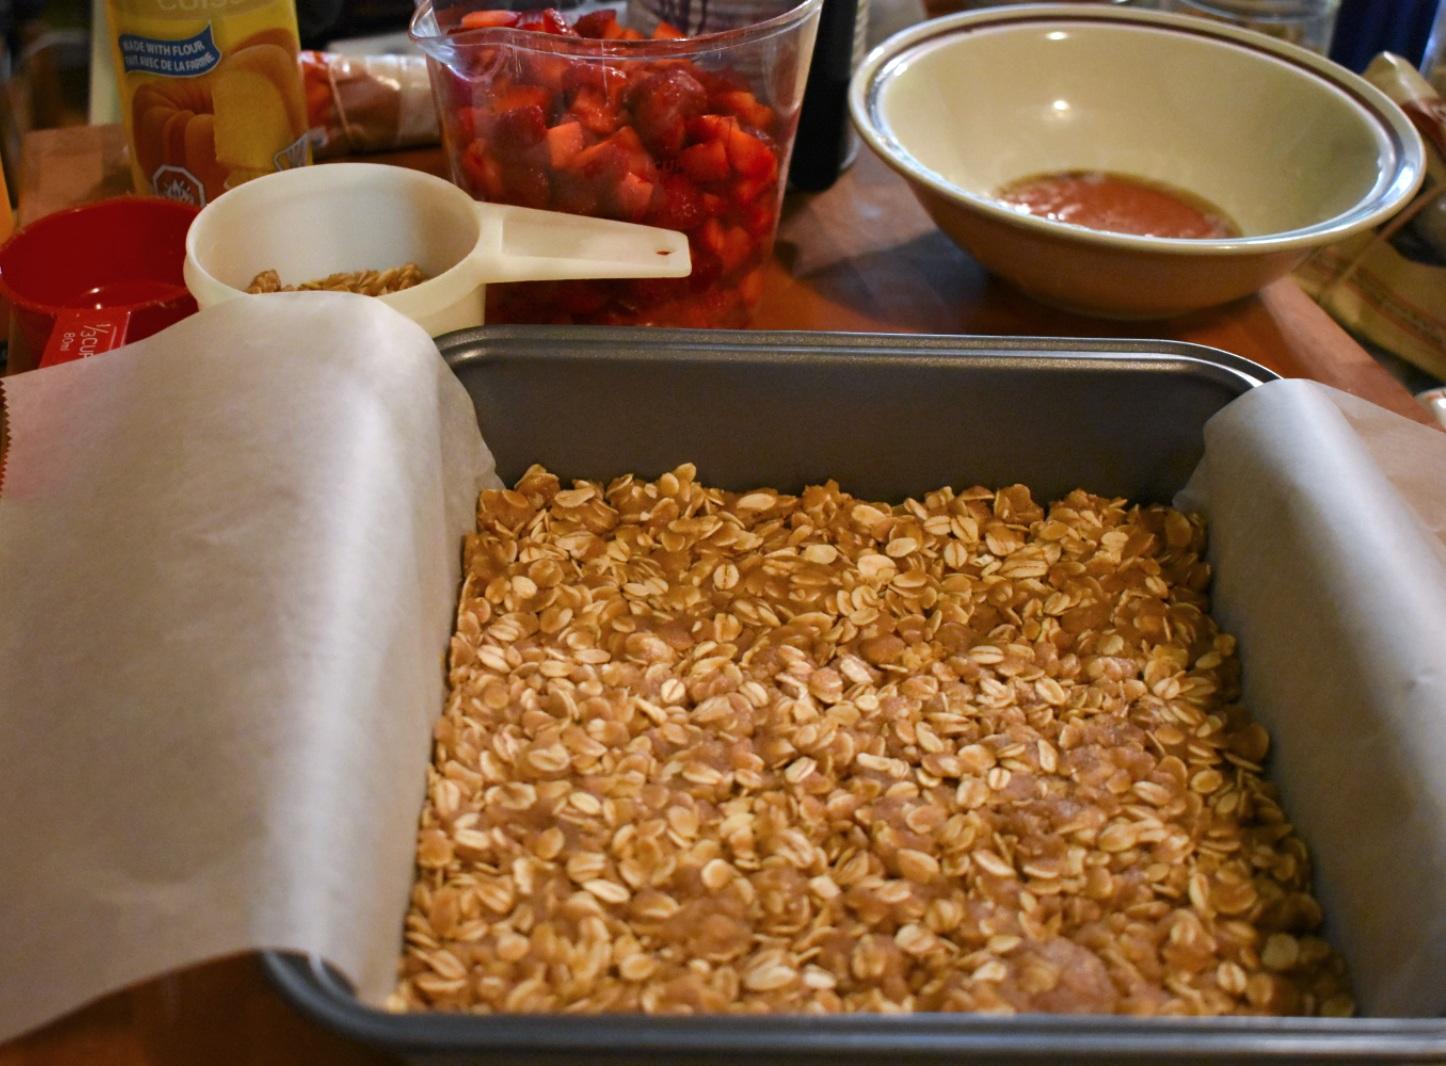 Carrés aux fraises style croustade - Auboutdelalangue.com (3)